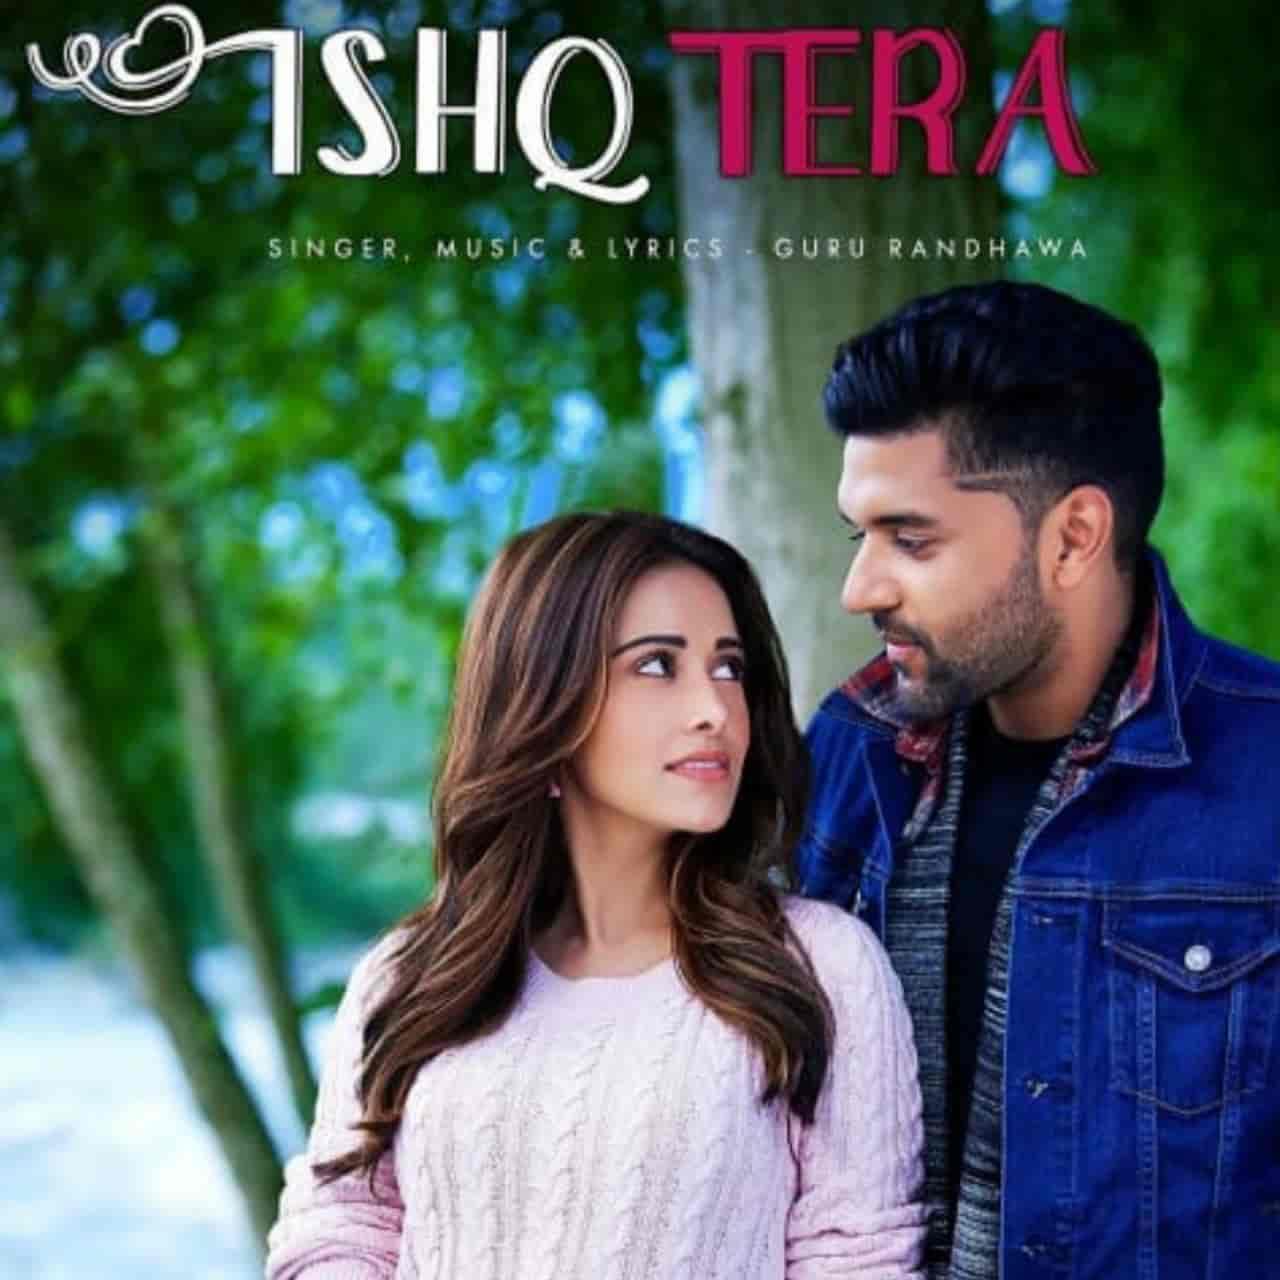 Ishq Tera Punjabi Song Lyrics, Sung by Guru Randhawa.